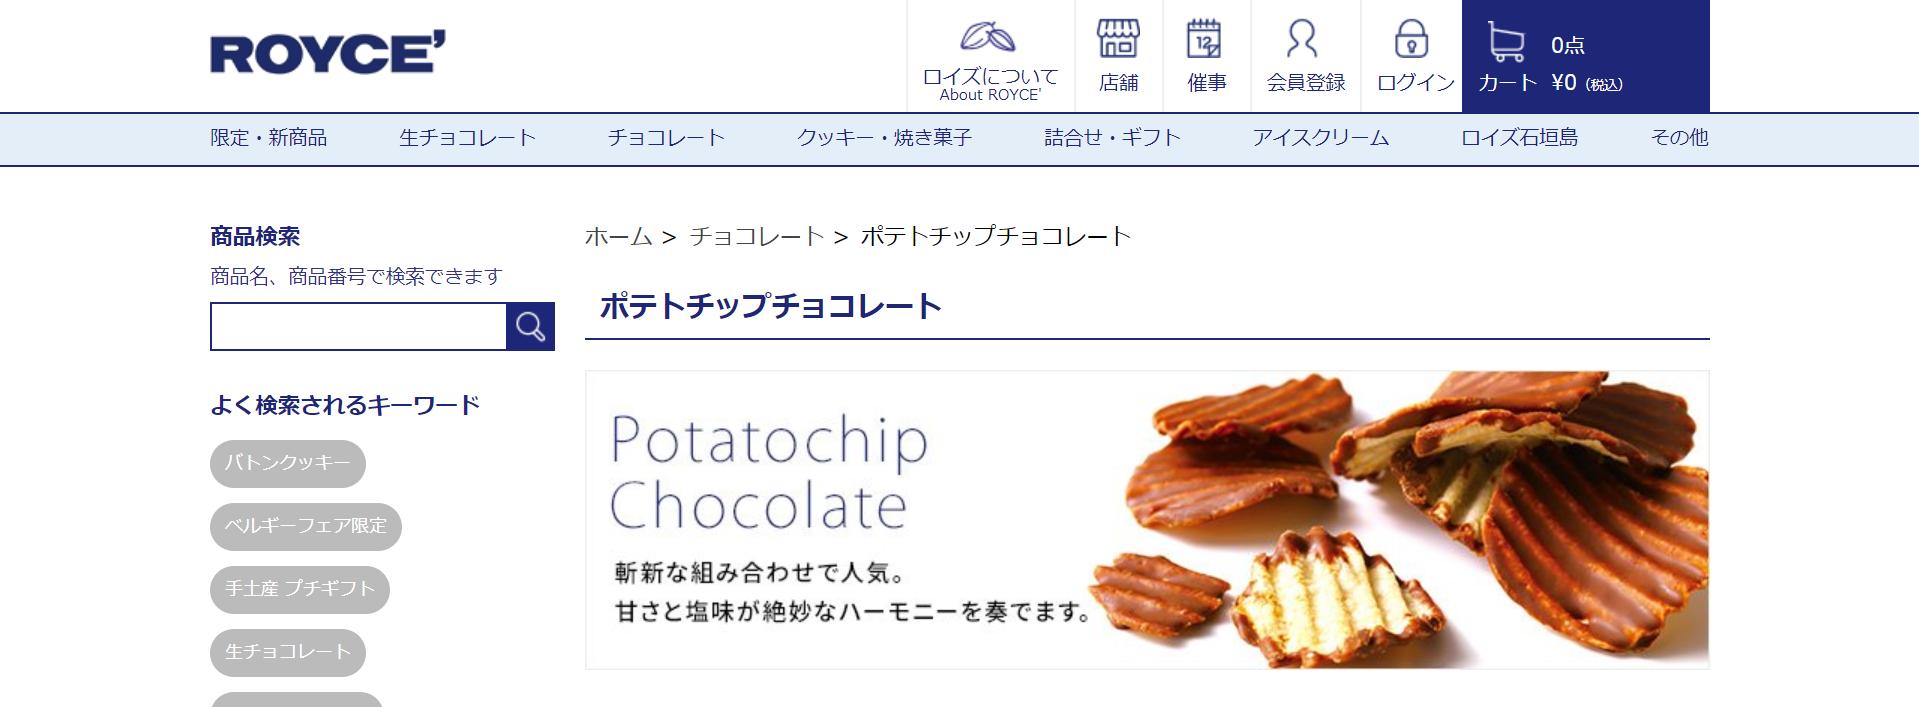 ポテトチップチョコレート|ロイズ(ROYCE')